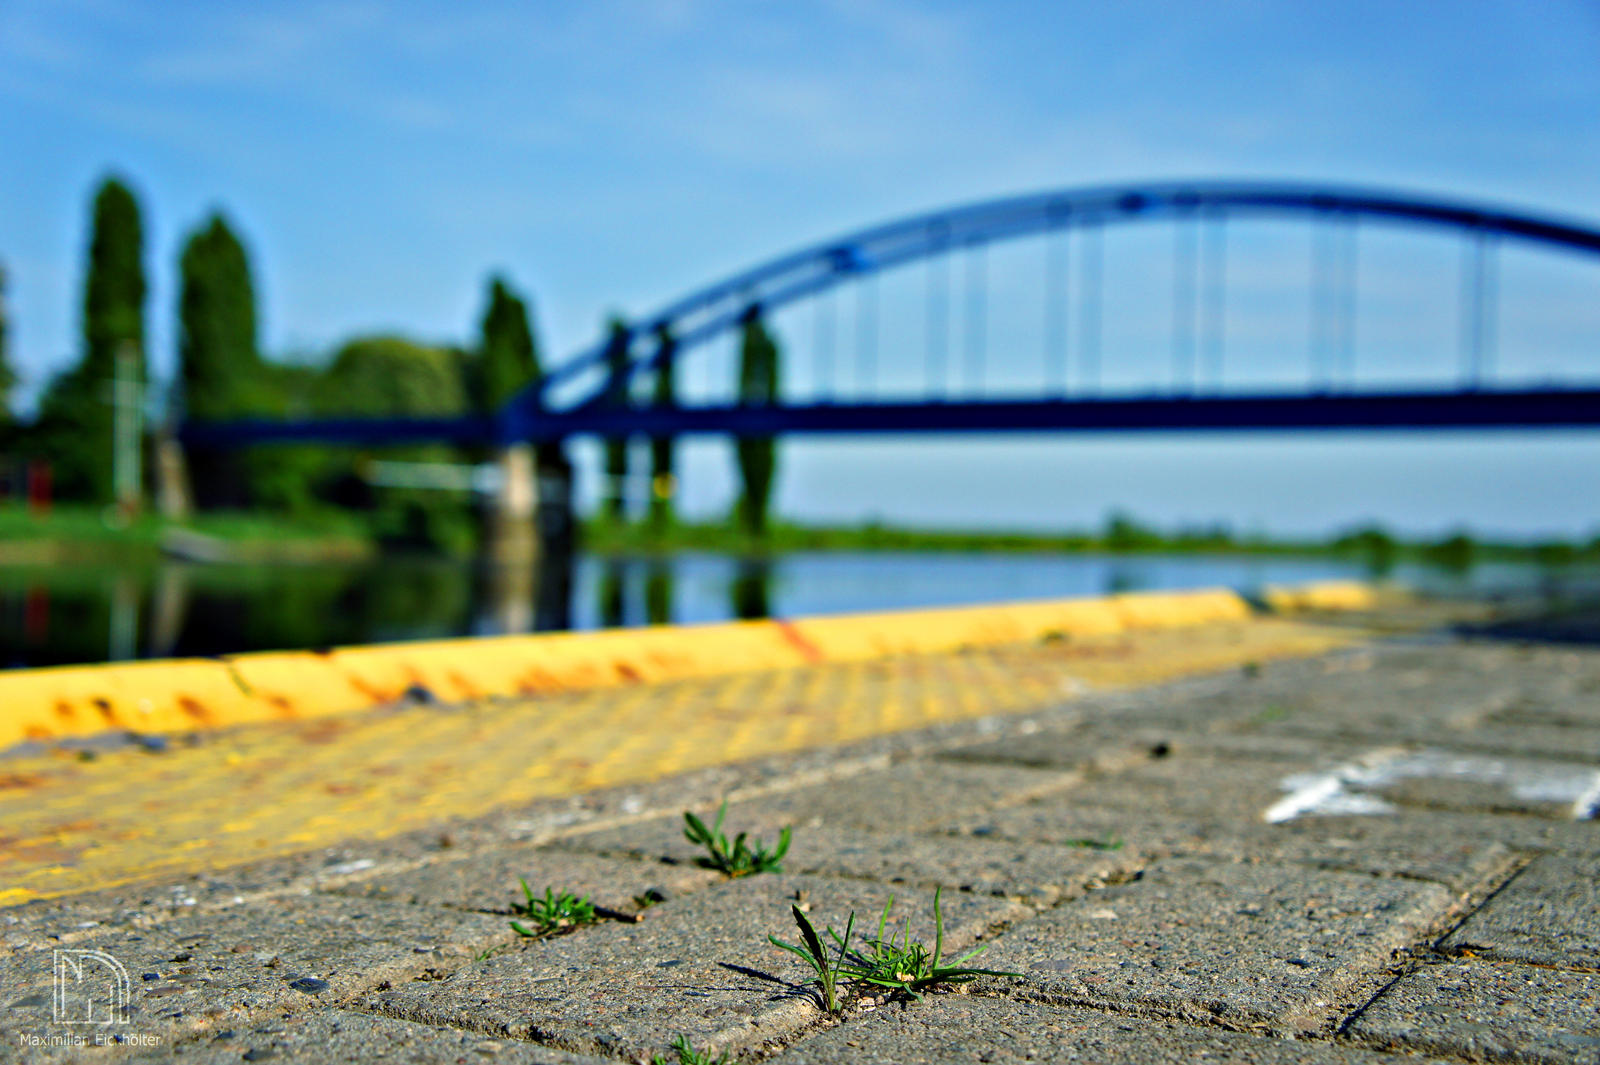 Weser (Hoya) by m-eickhoelter